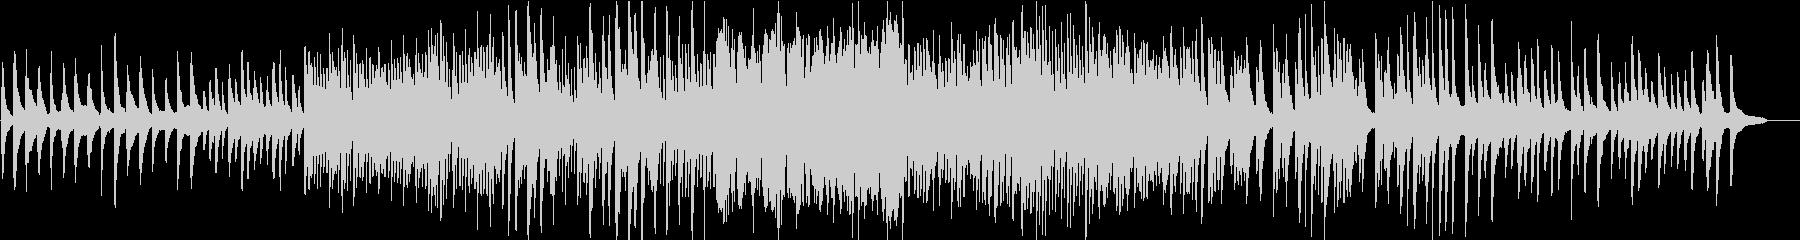 ピアニストが弾く「パッヘルベルのカノン」の未再生の波形